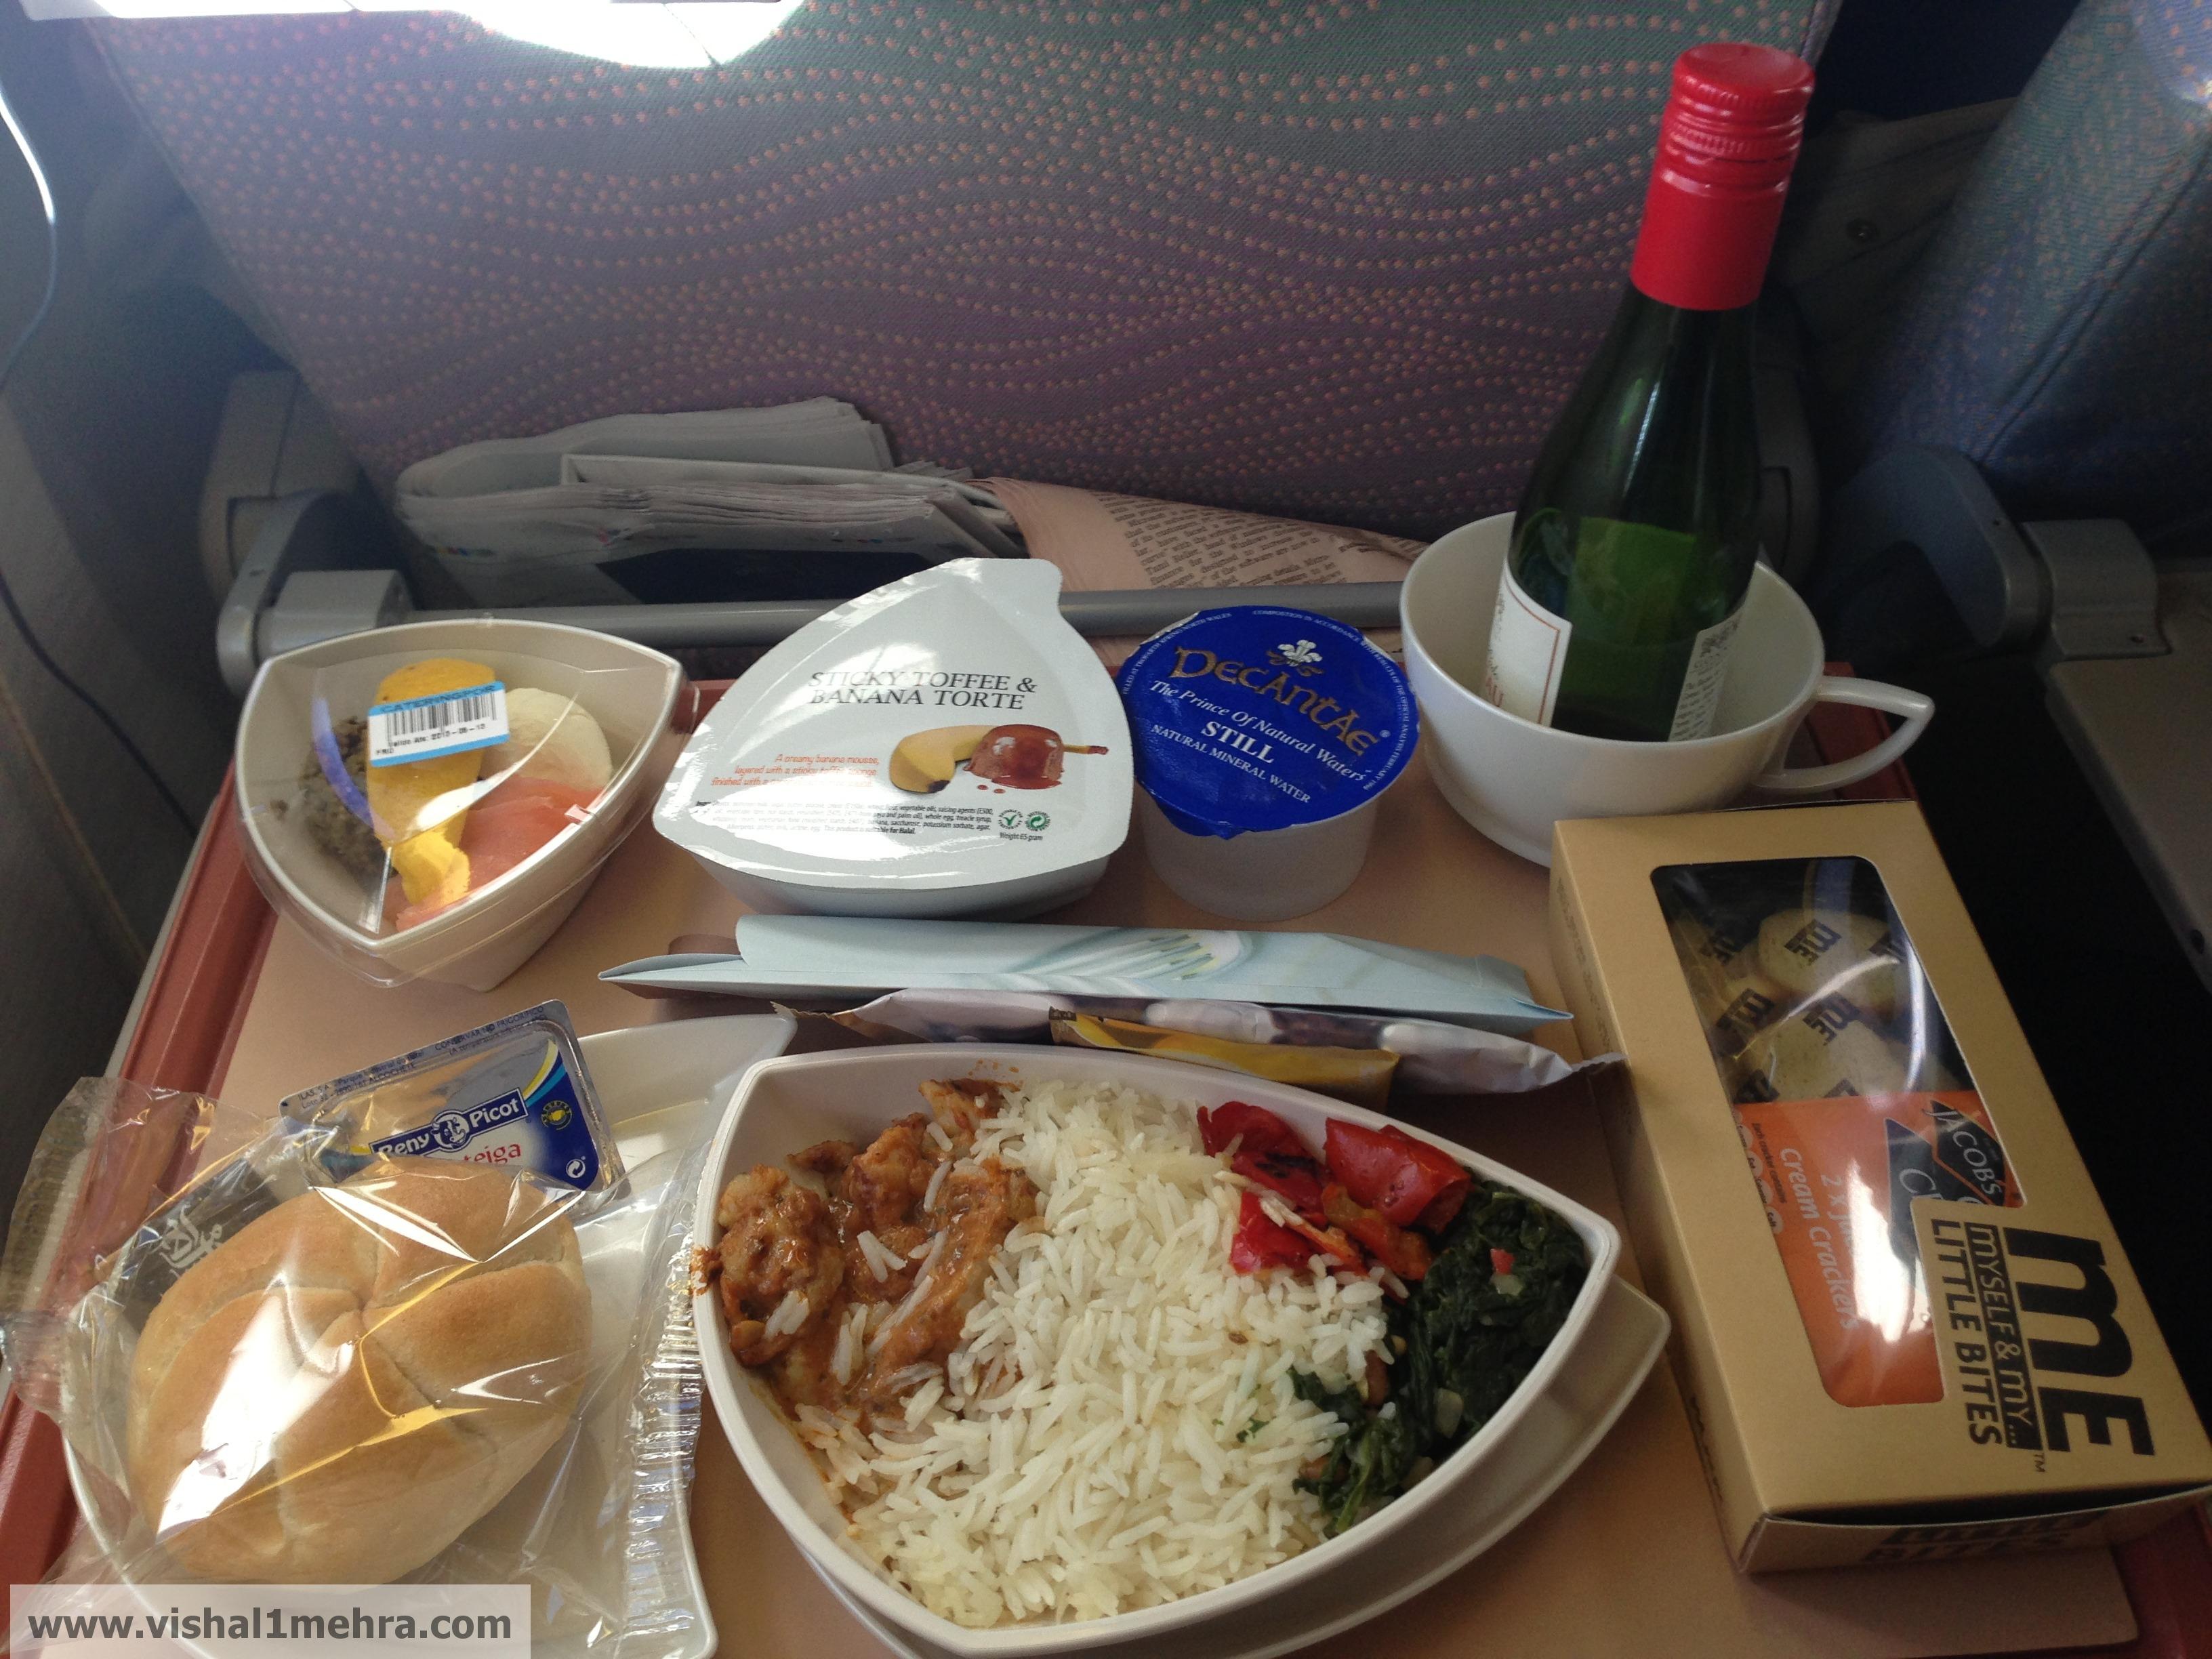 Do You Get Free Food On Klm Flights